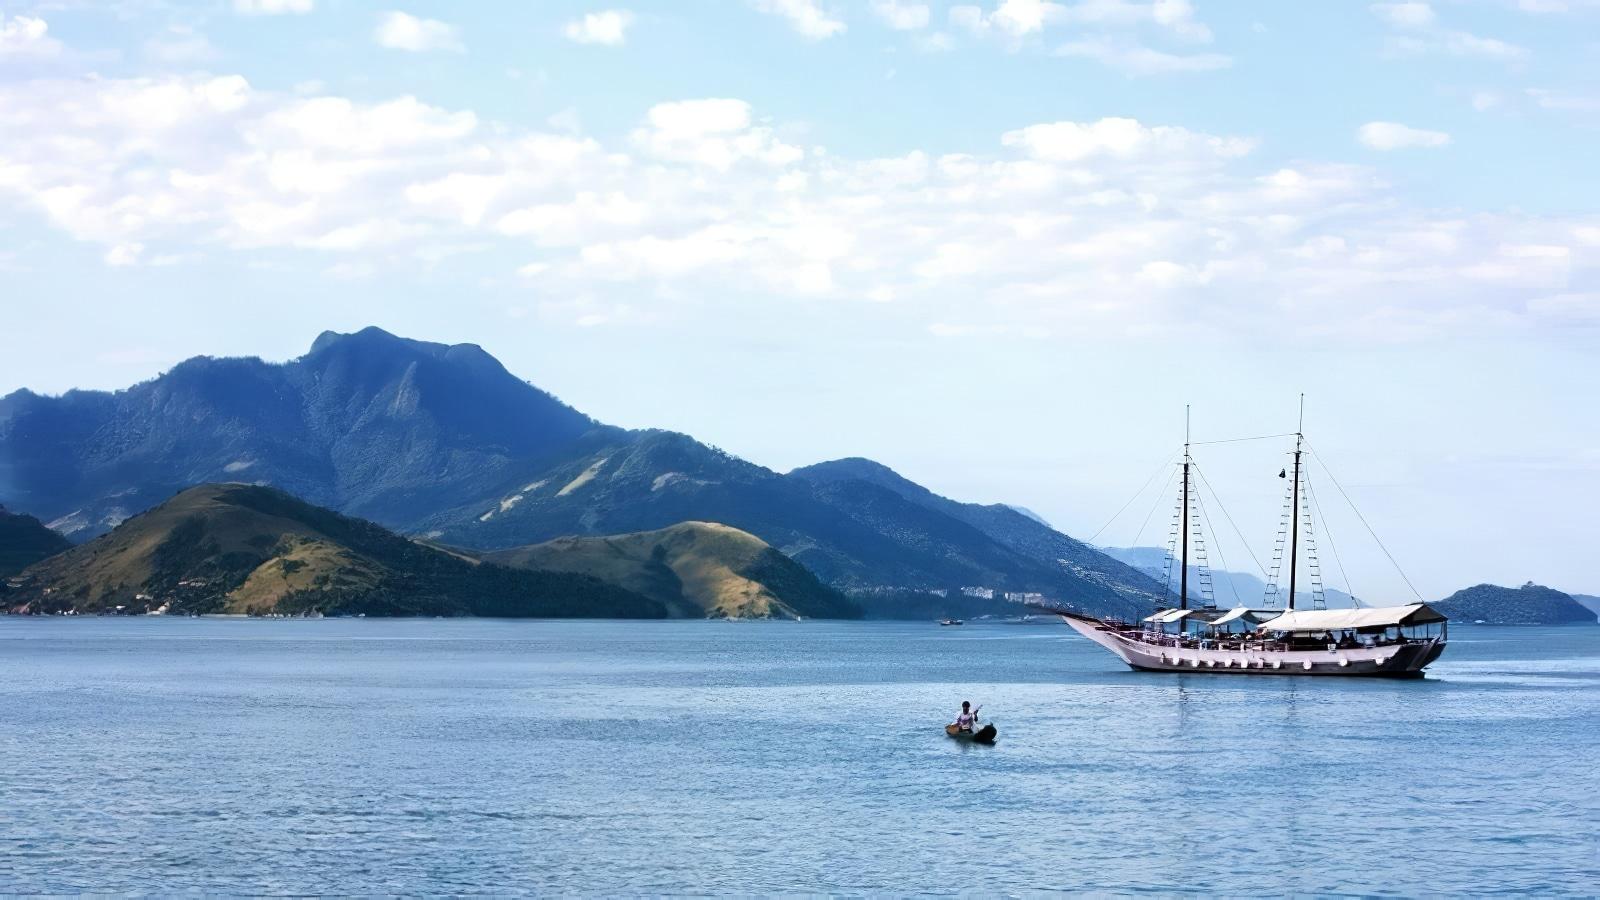 Une croisière d'une journée dans l'archipel d'Angra dos Reis depuis Rio